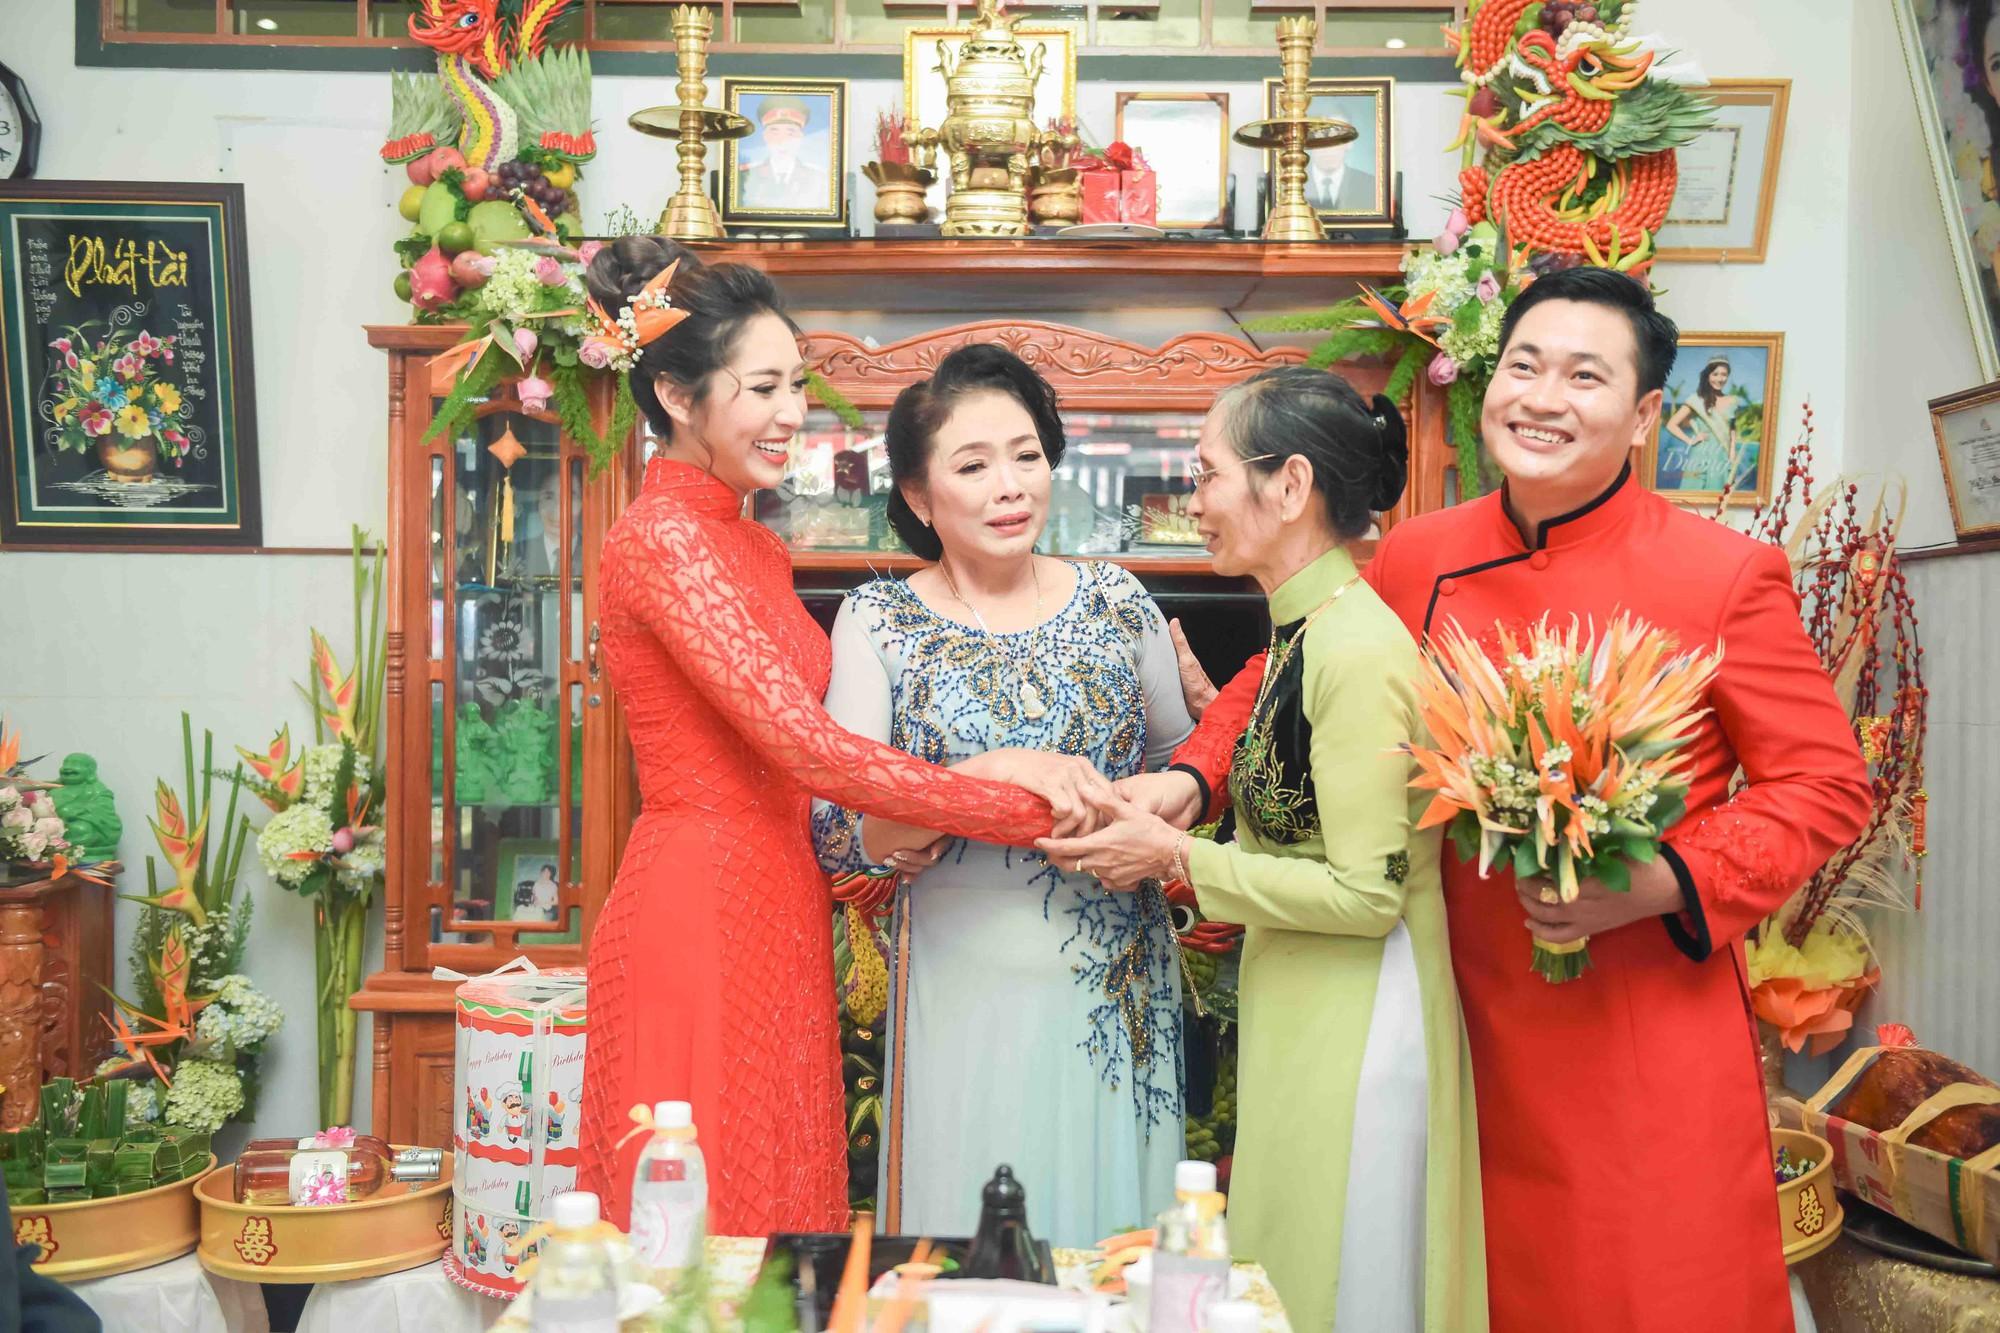 Hoa hậu trả vương miện Đặng Thu Thảo rạng rỡ bên vị hôn phu trong lễ đính hôn tại Cần Thơ - Ảnh 5.